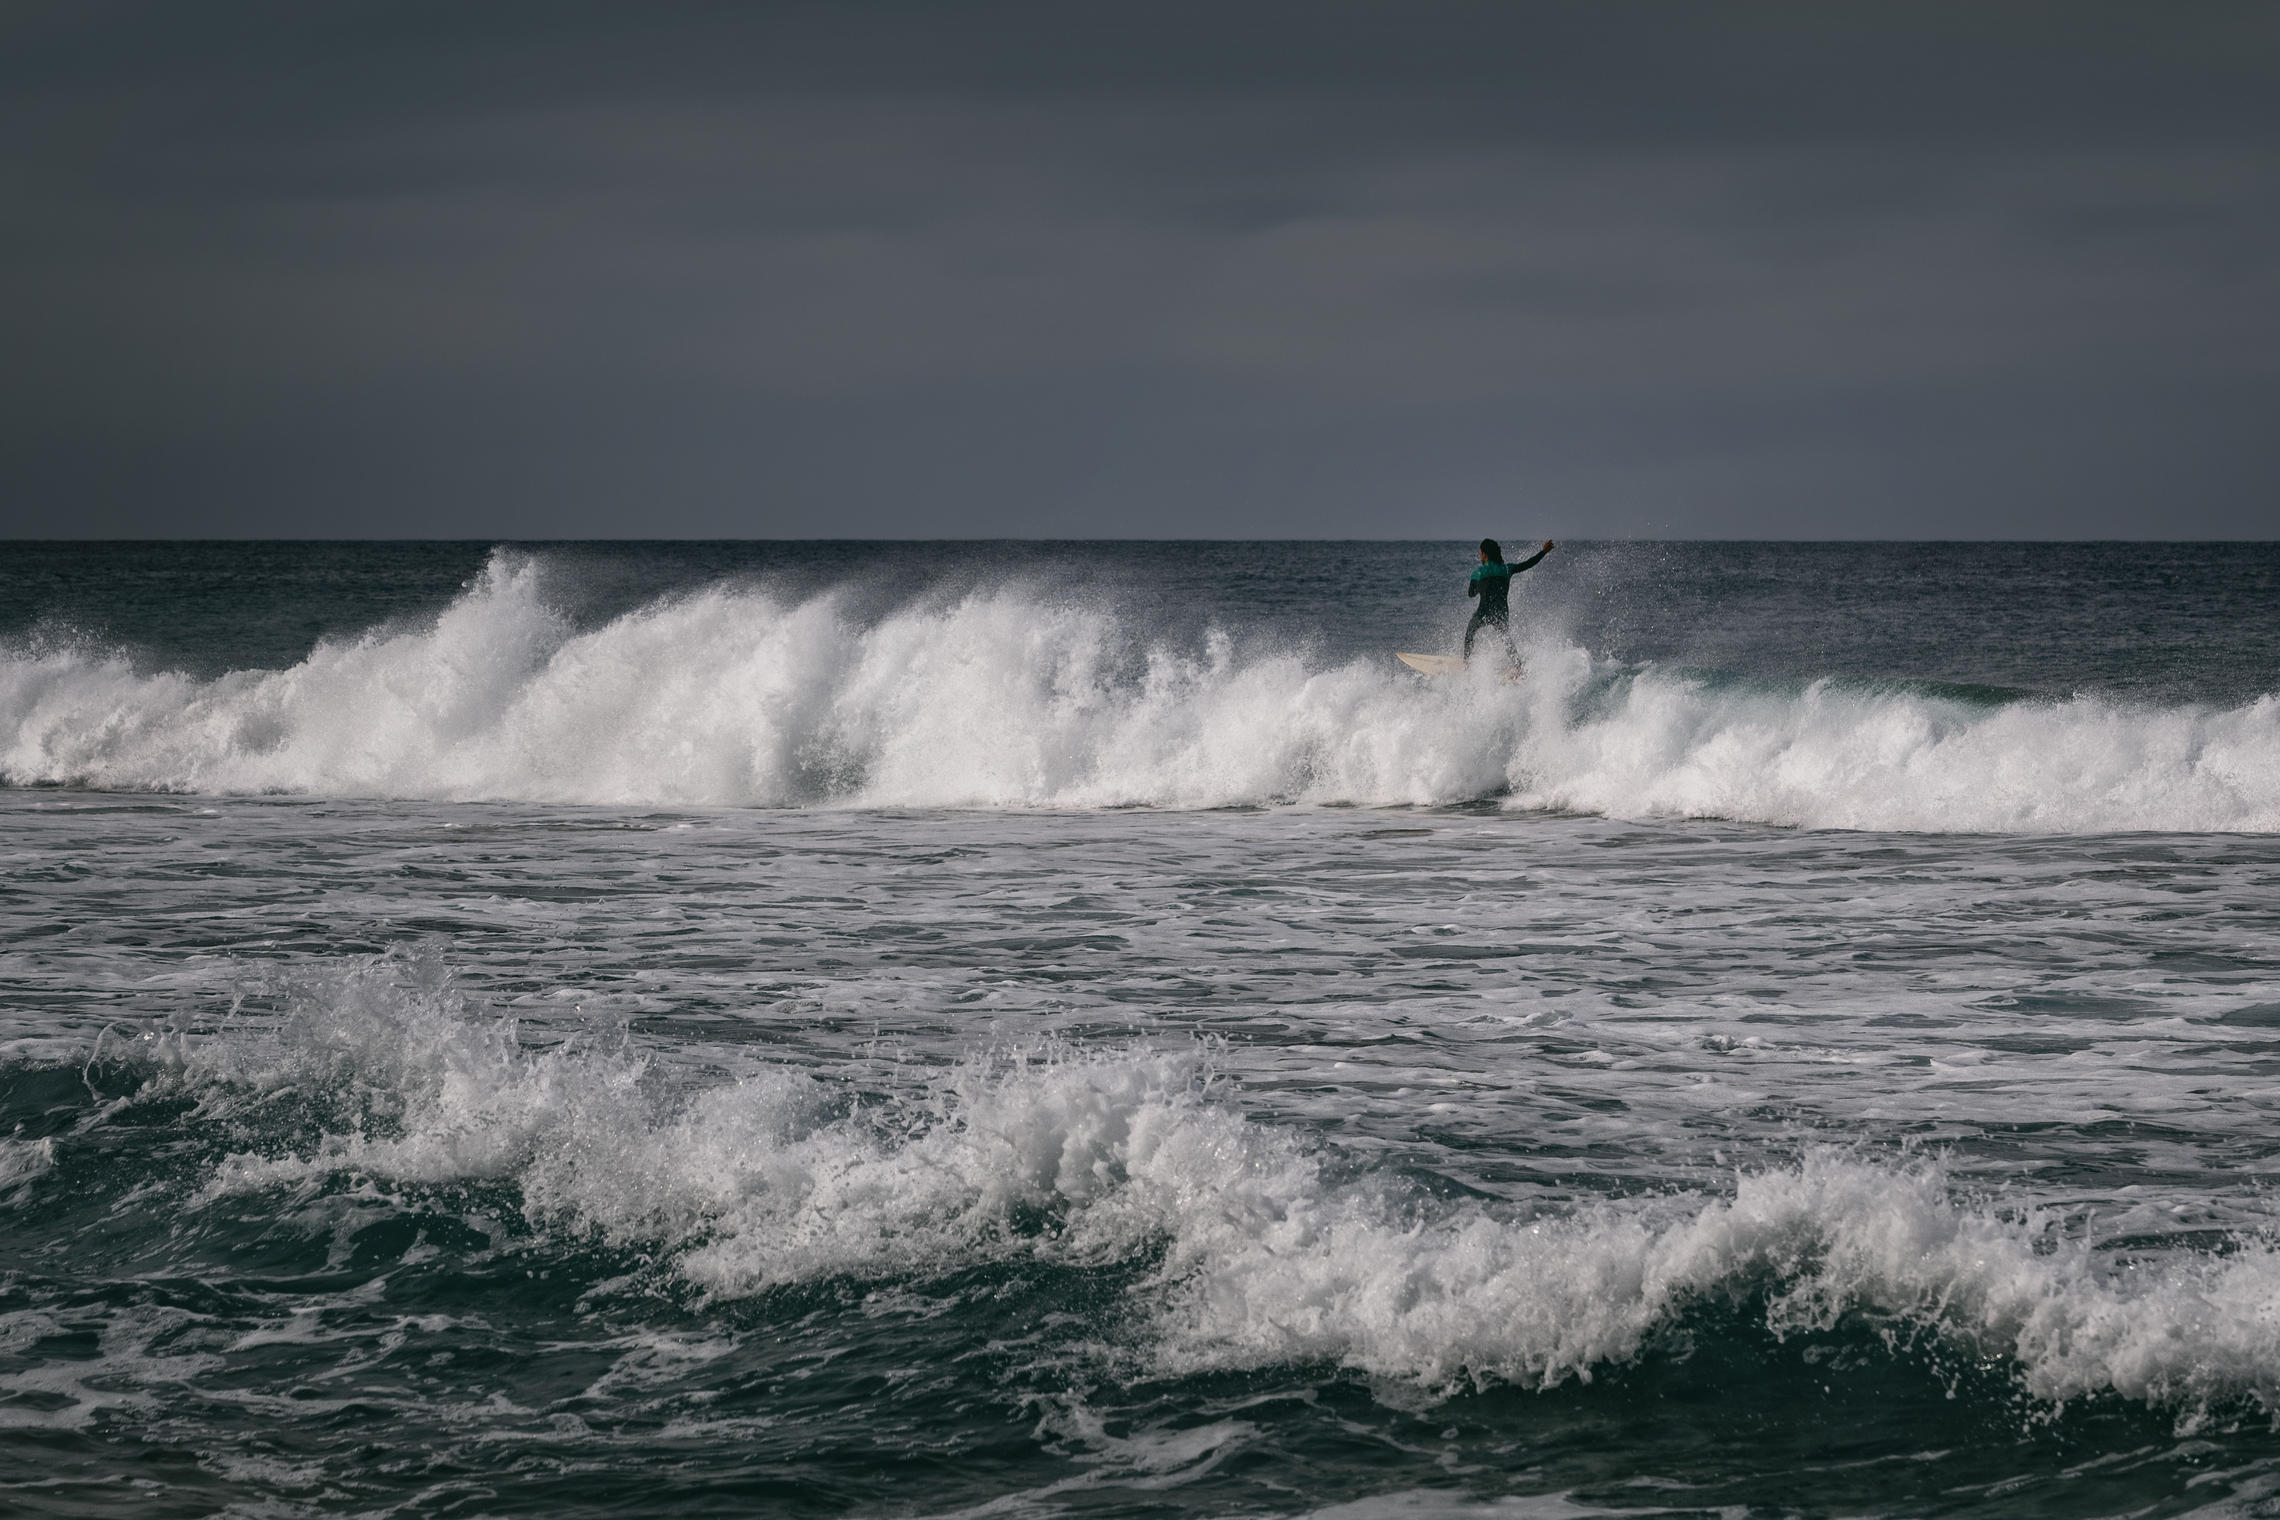 океан, волны, серфер, Alexandr Bezmolitvenny